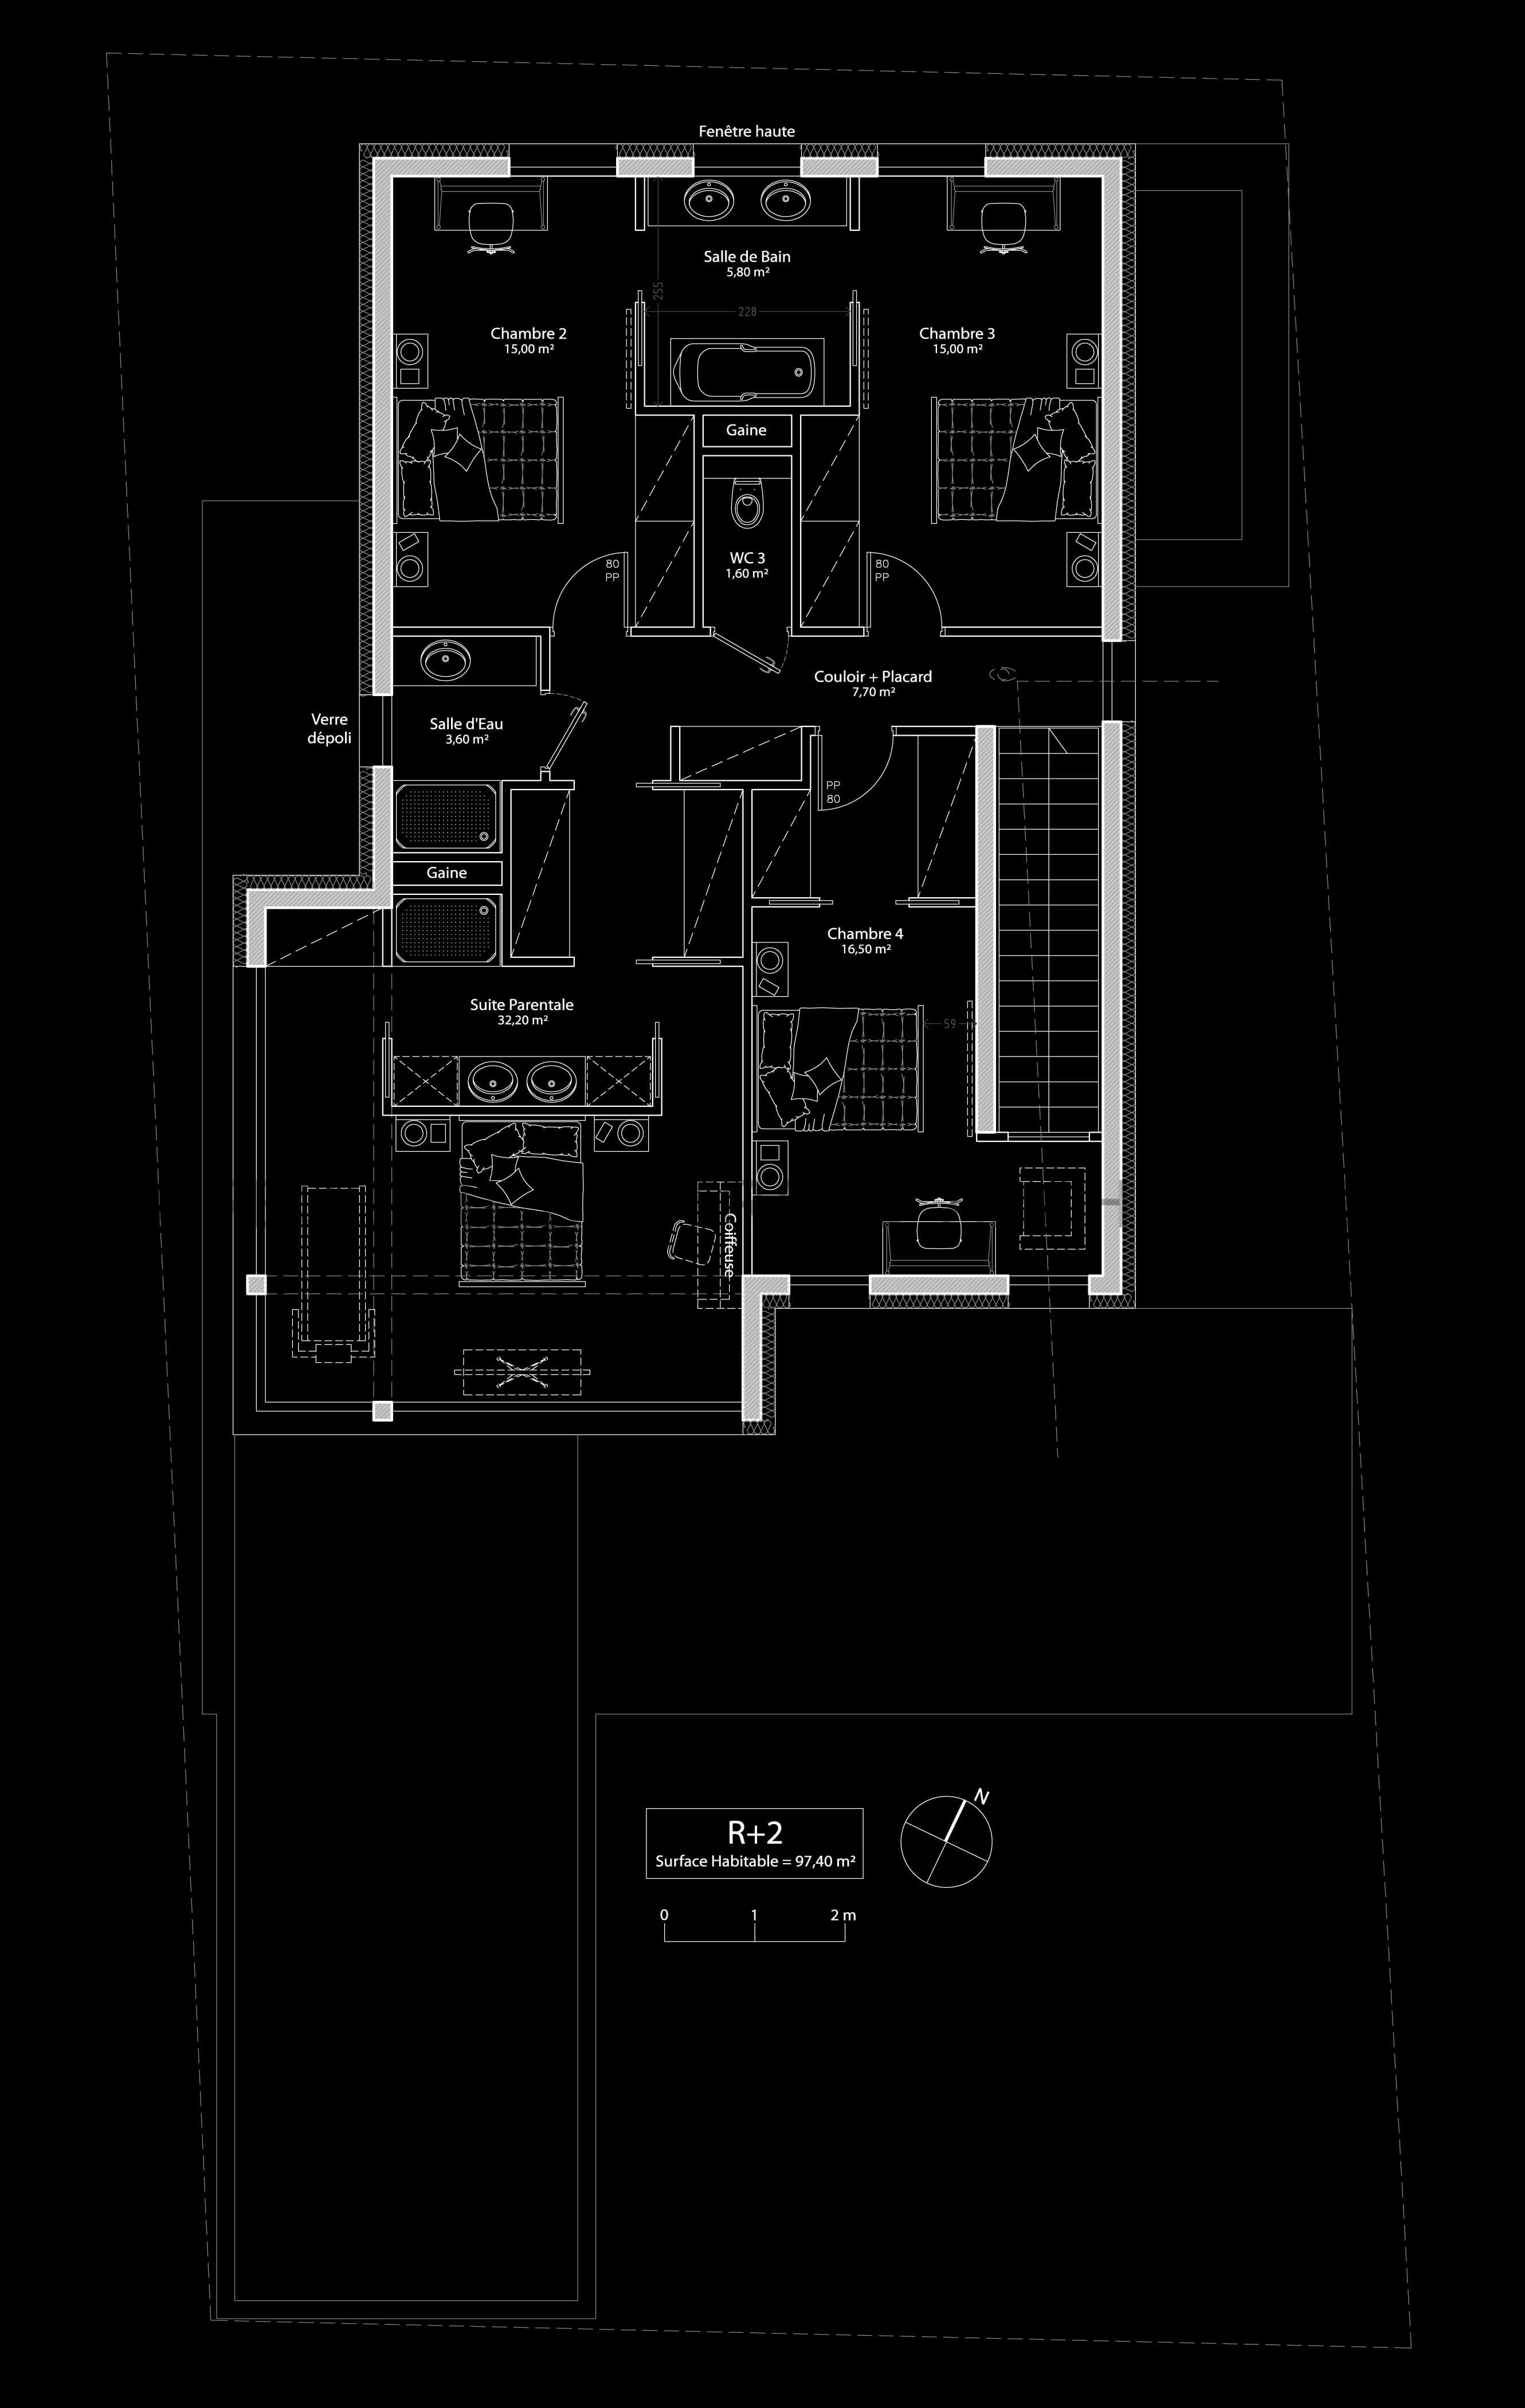 2017 01 28 (2015-010) 006 - Plans - R+2